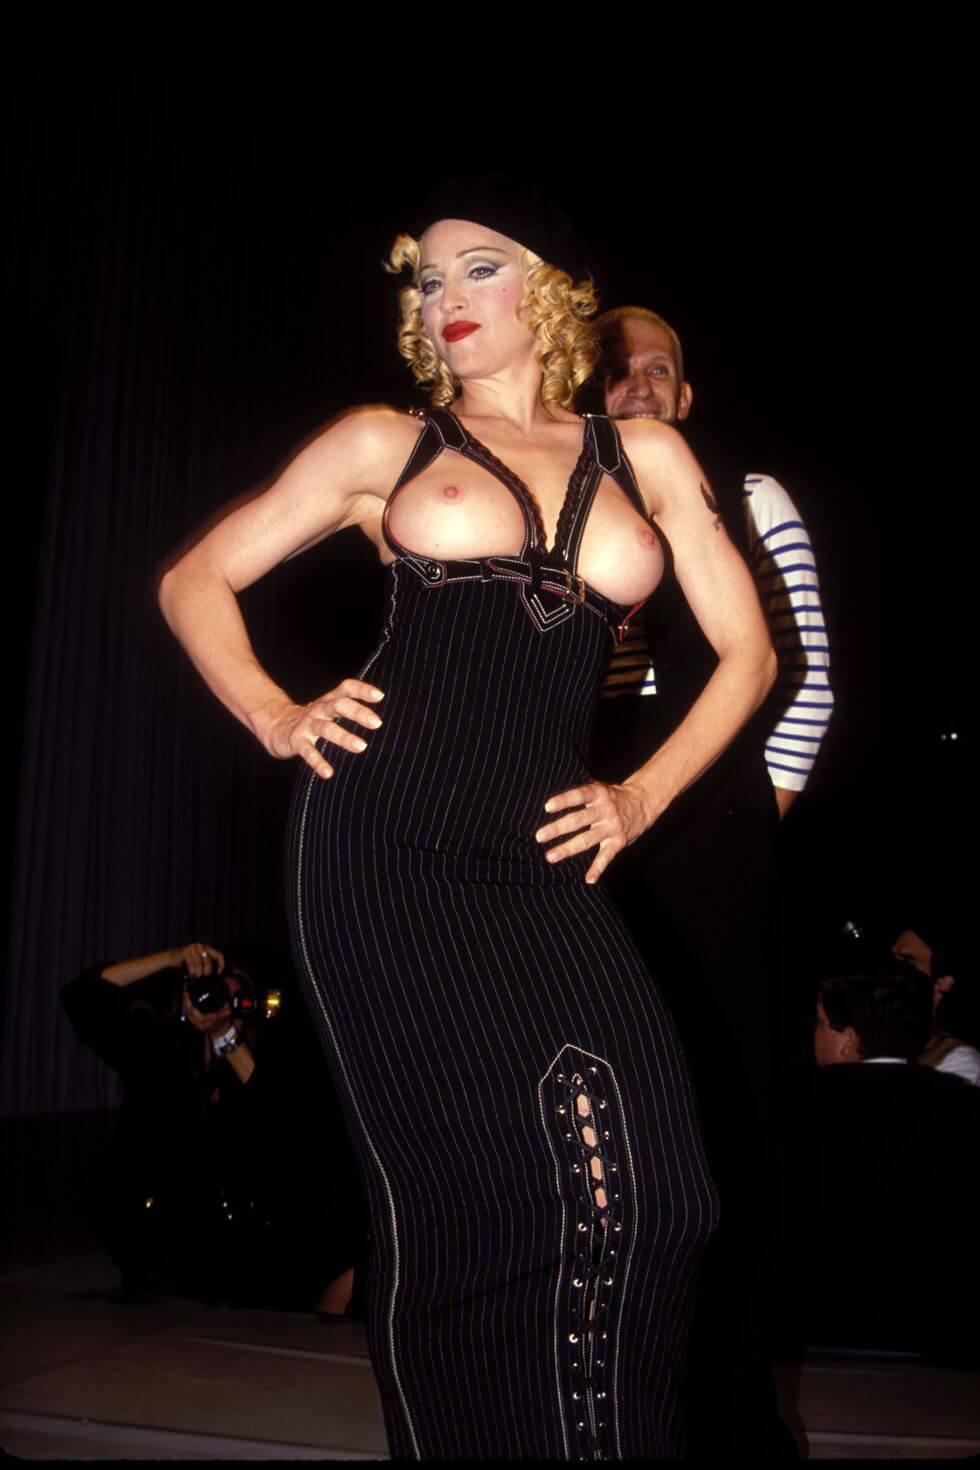 Madonna en el desfile de Jean Paul Gaultier en 1993. Fotografía: Getty Images